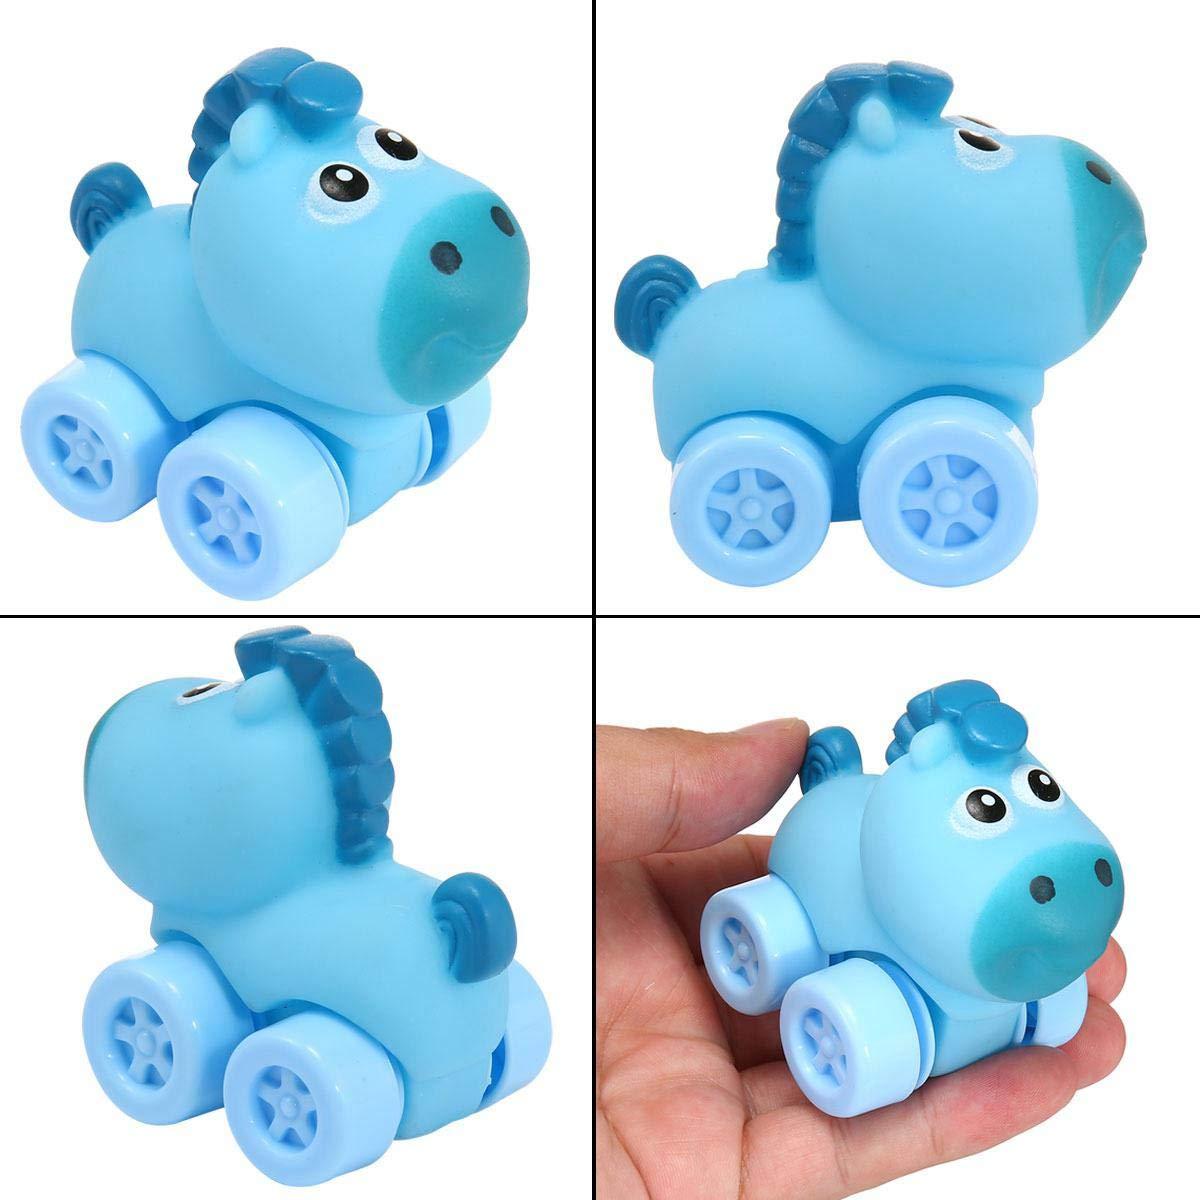 Giocattoli Cartoon Animal Auto Set 6/Mini Auto Giocattoli per Bambini Giocattoli educativi Giocattoli Auto in Gomma Morbida per Bambino del Bambino per Bambini Womdee Auto Giocattoli per Bambini